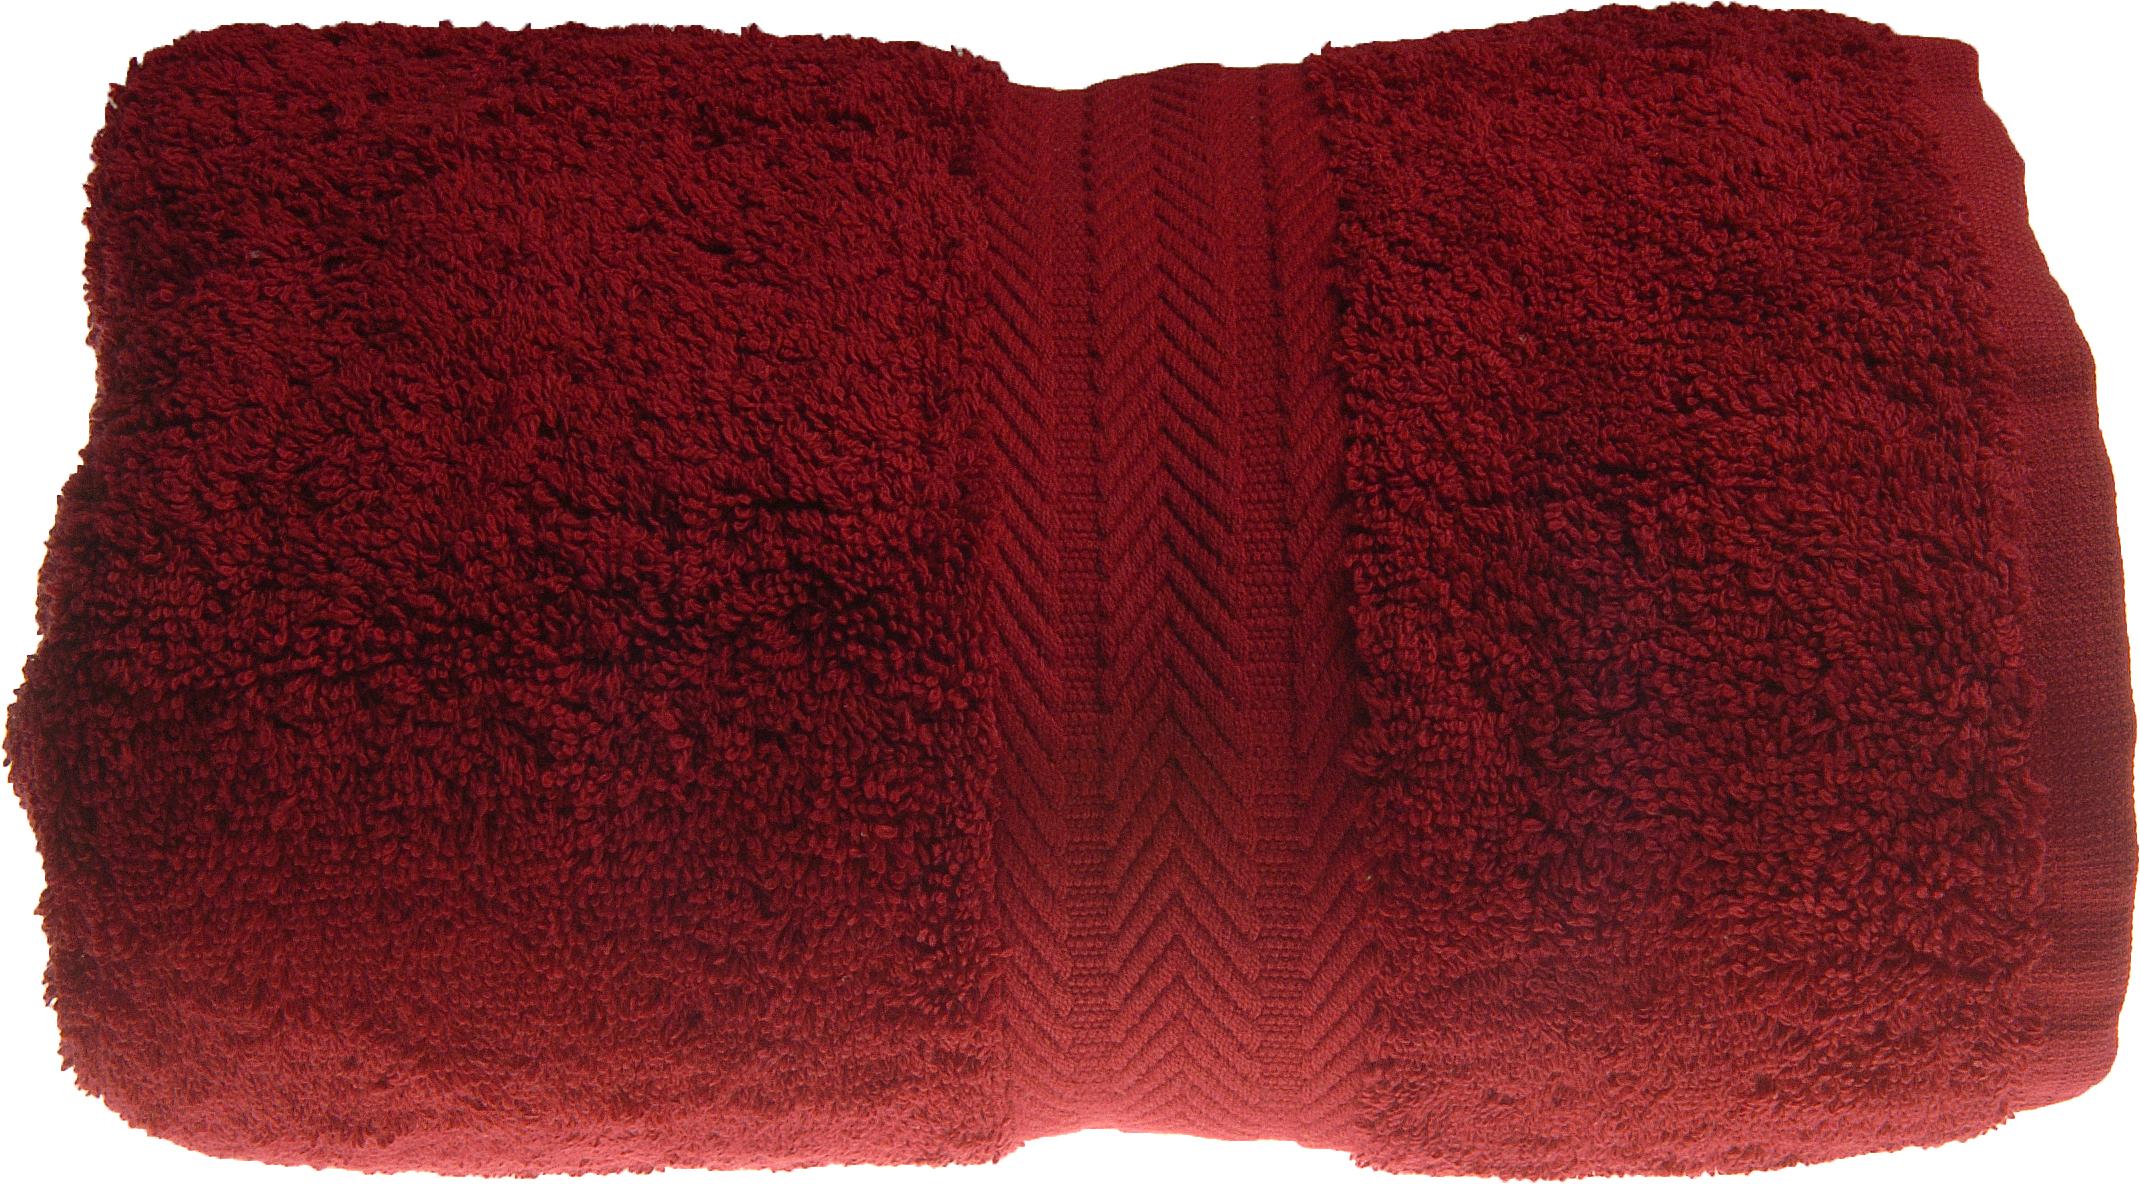 Drap de douche 70 x 140 cm en Coton couleur Bordeaux (Bordeaux)